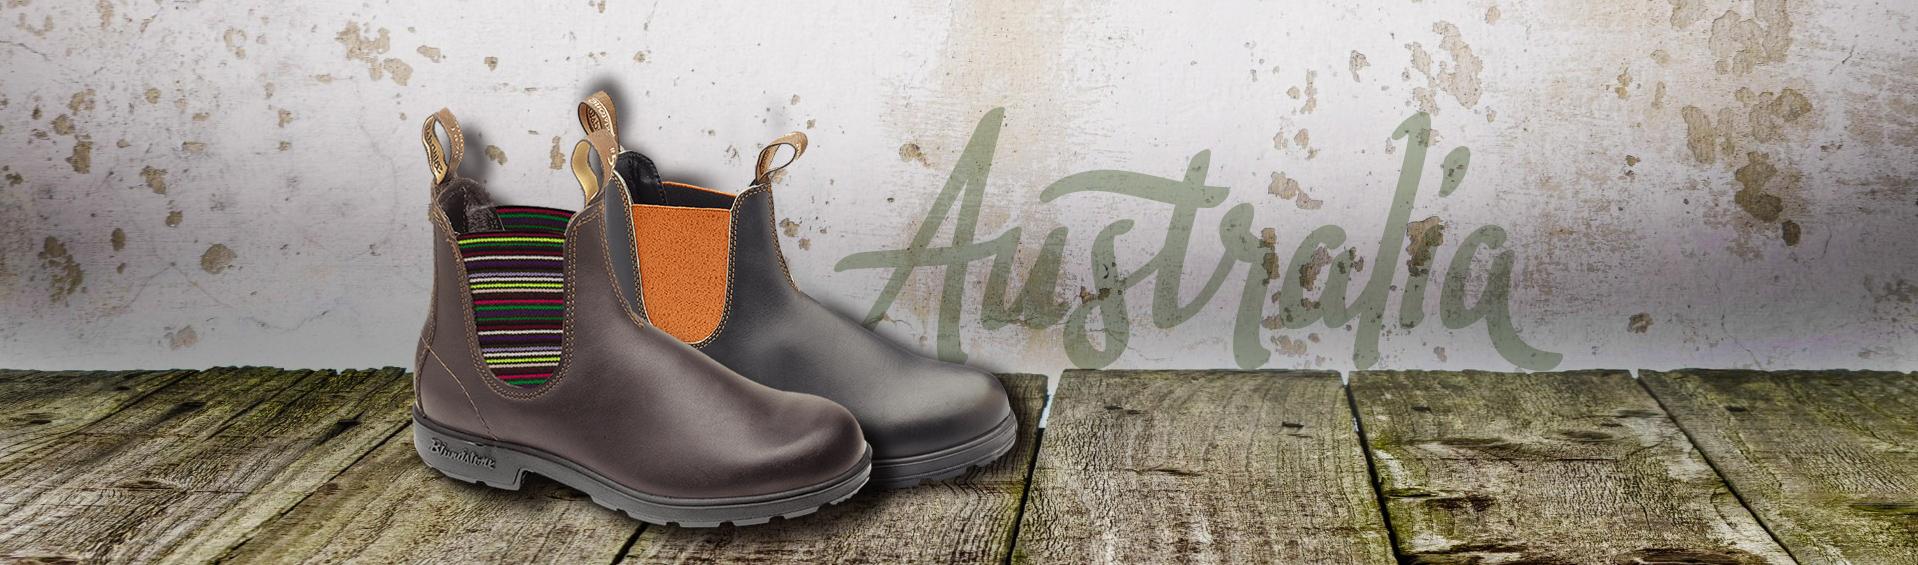 scarpe-Blundstone-scarpelli-calzature-prato